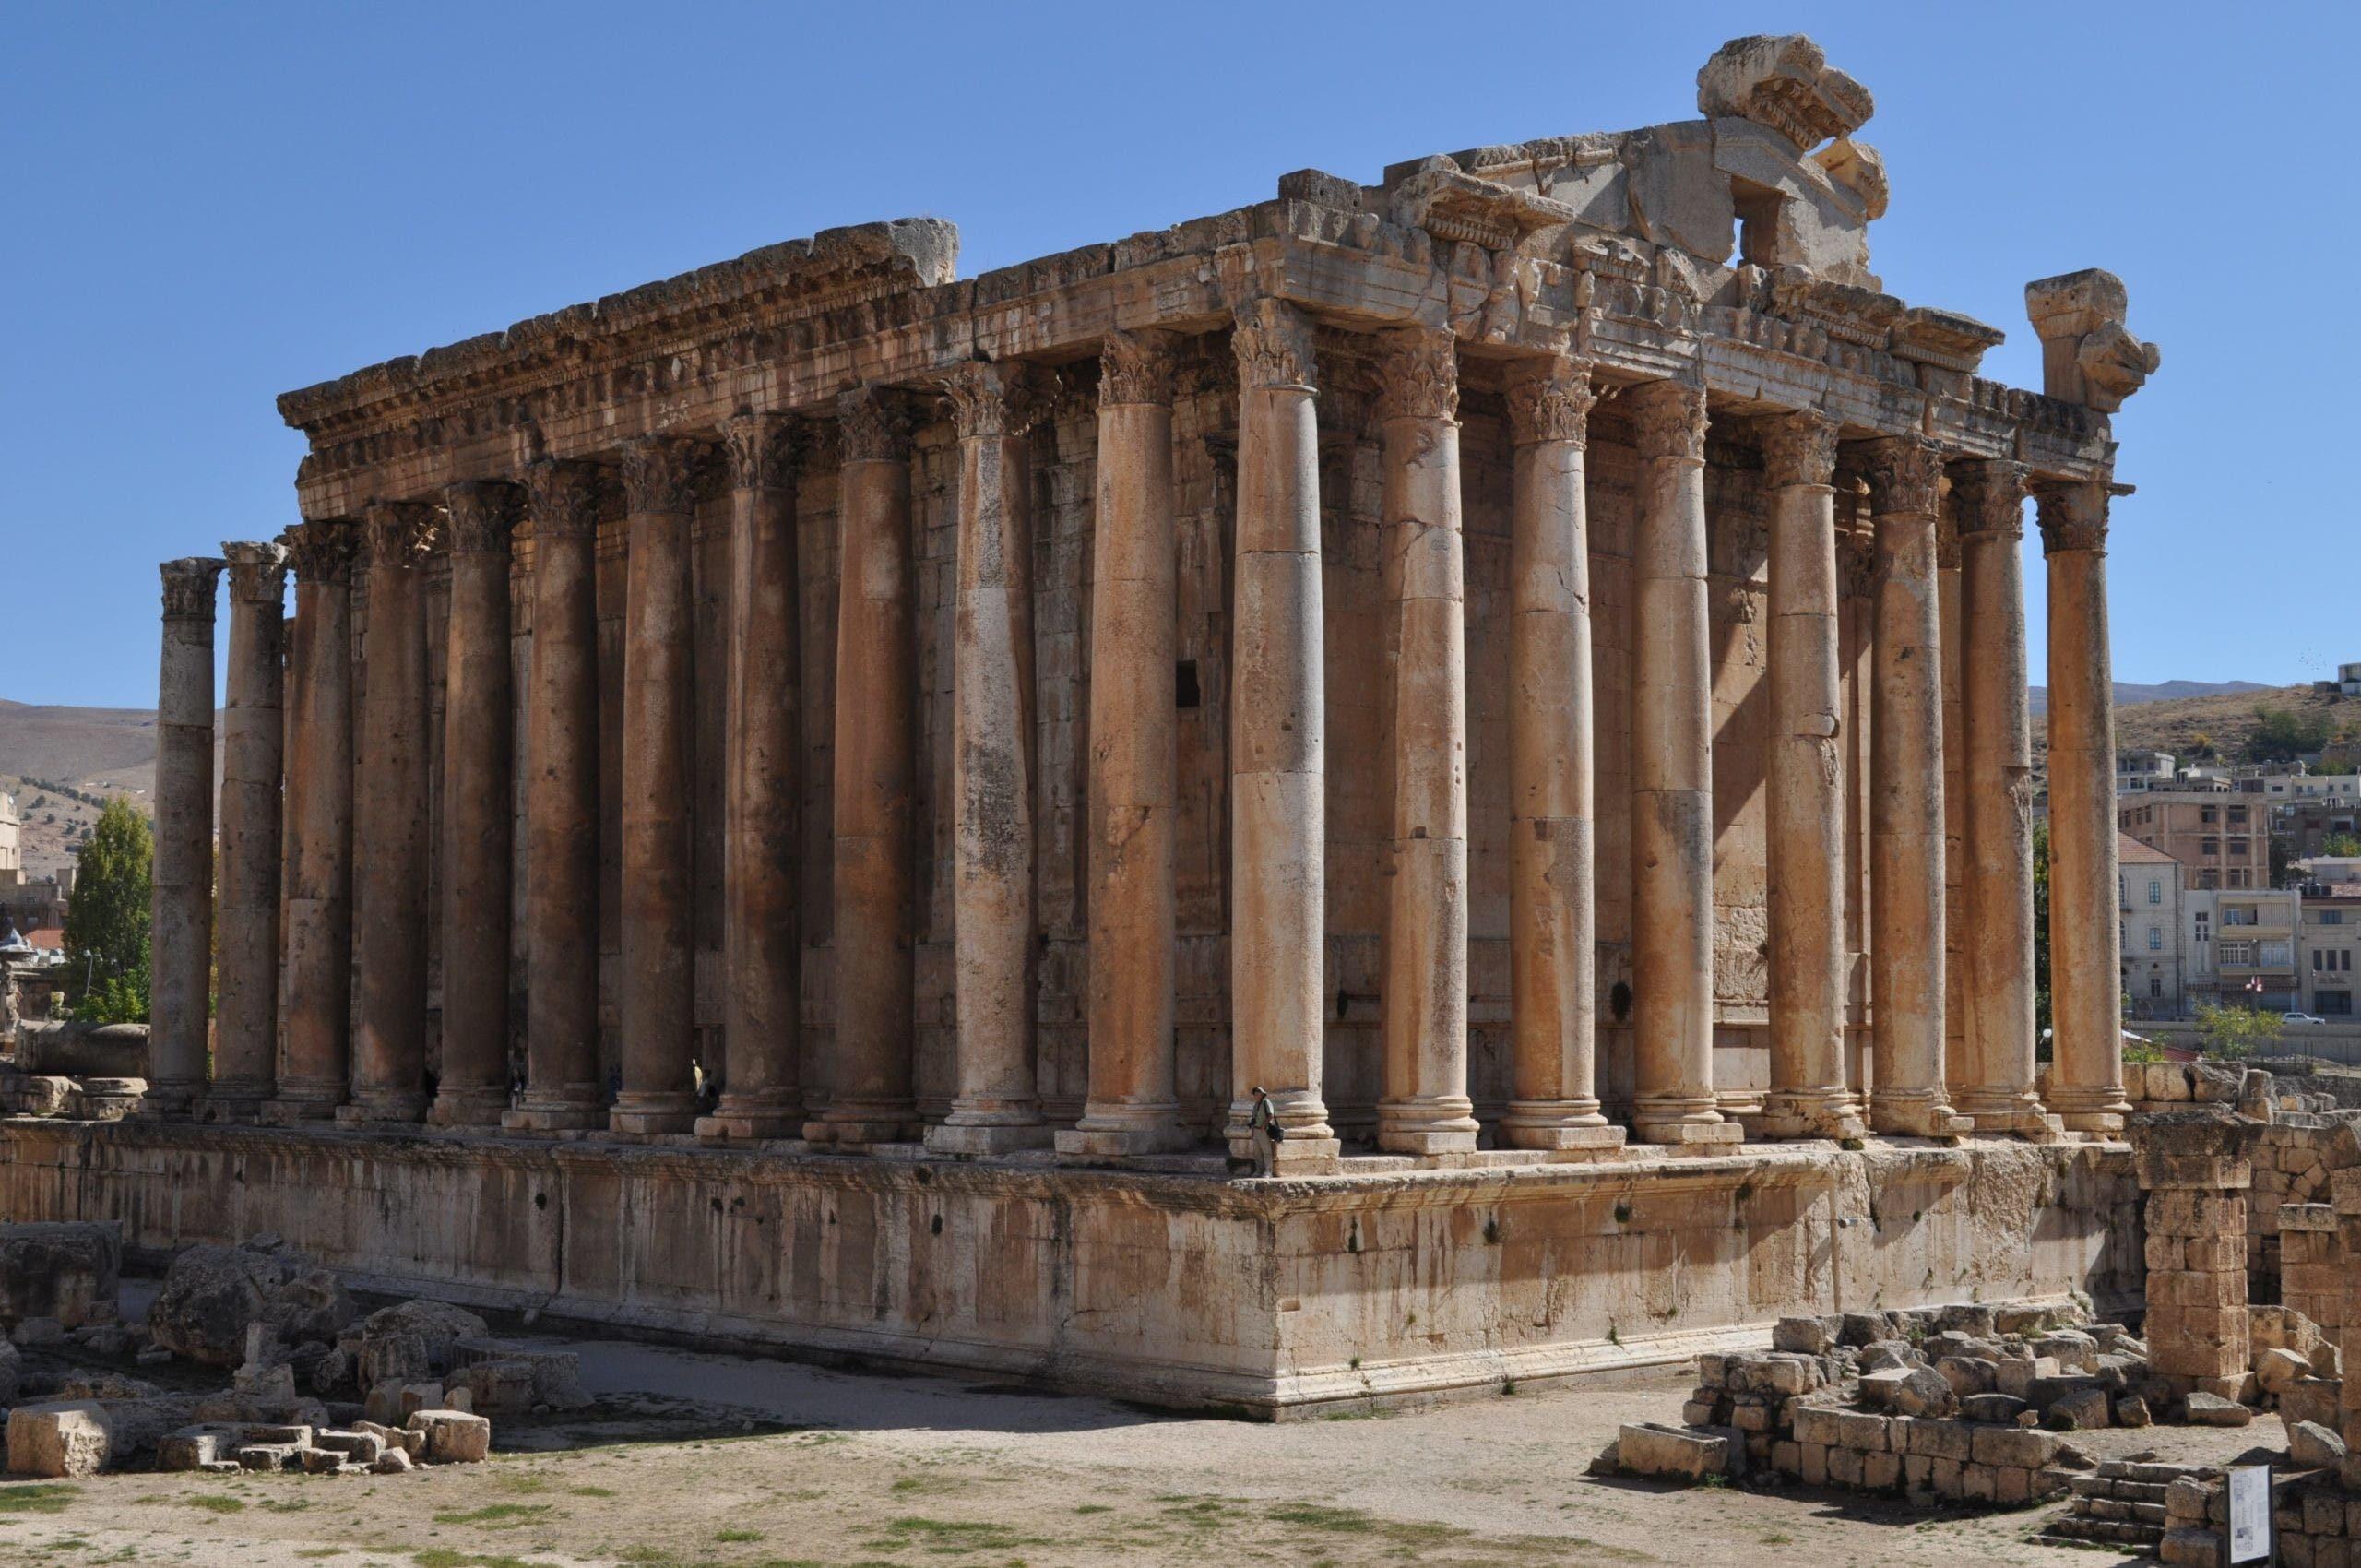 جانب من الآثار الرومانية بلبنان